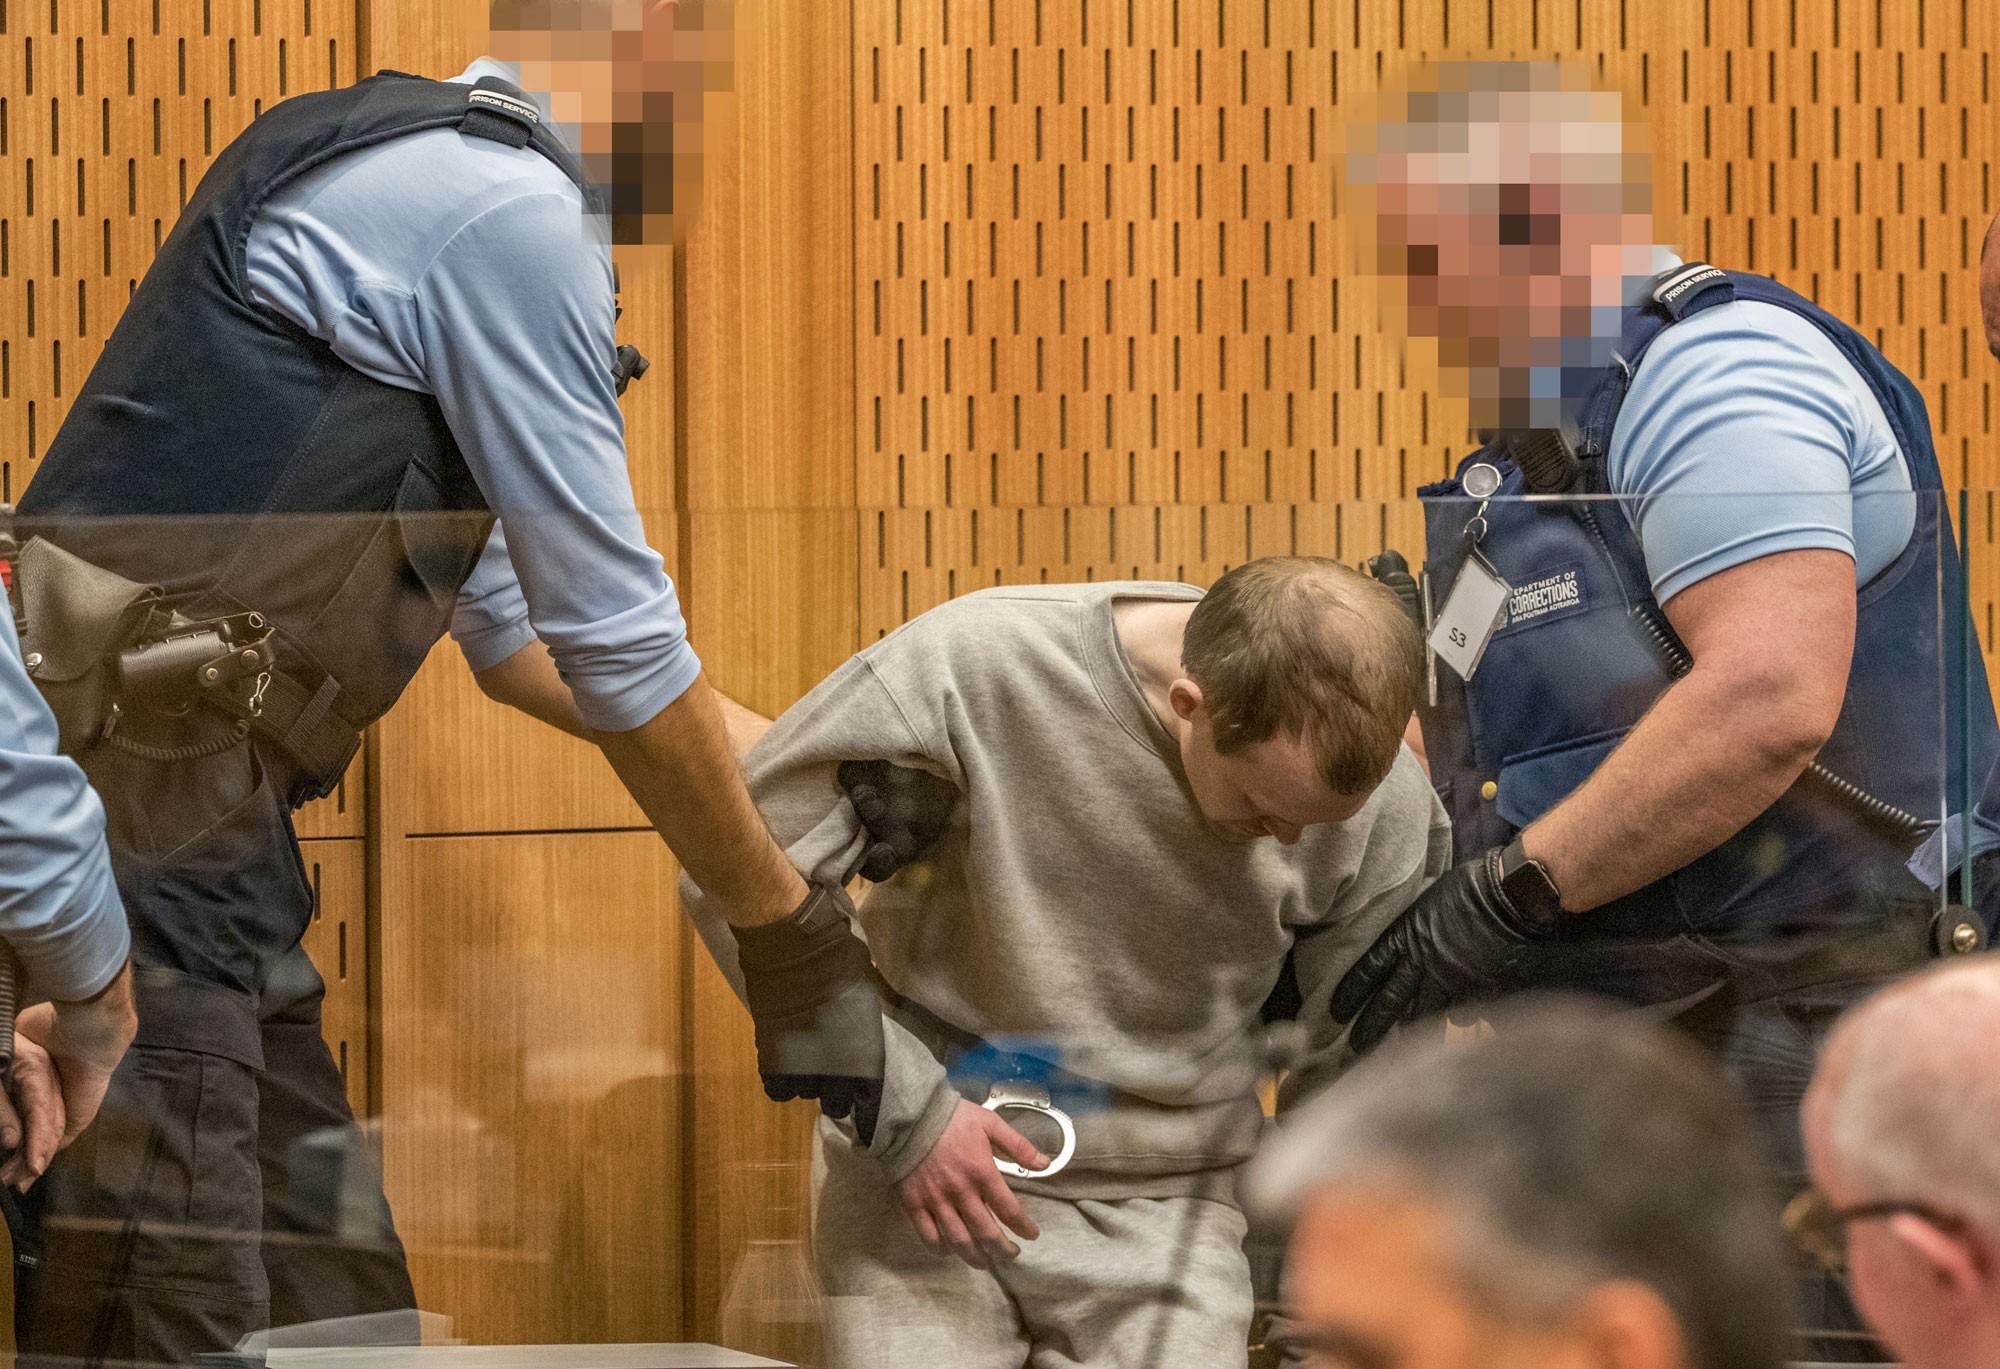 Justiça da Nova Zelândia condena assassino de Christchurch a prisão perpétua